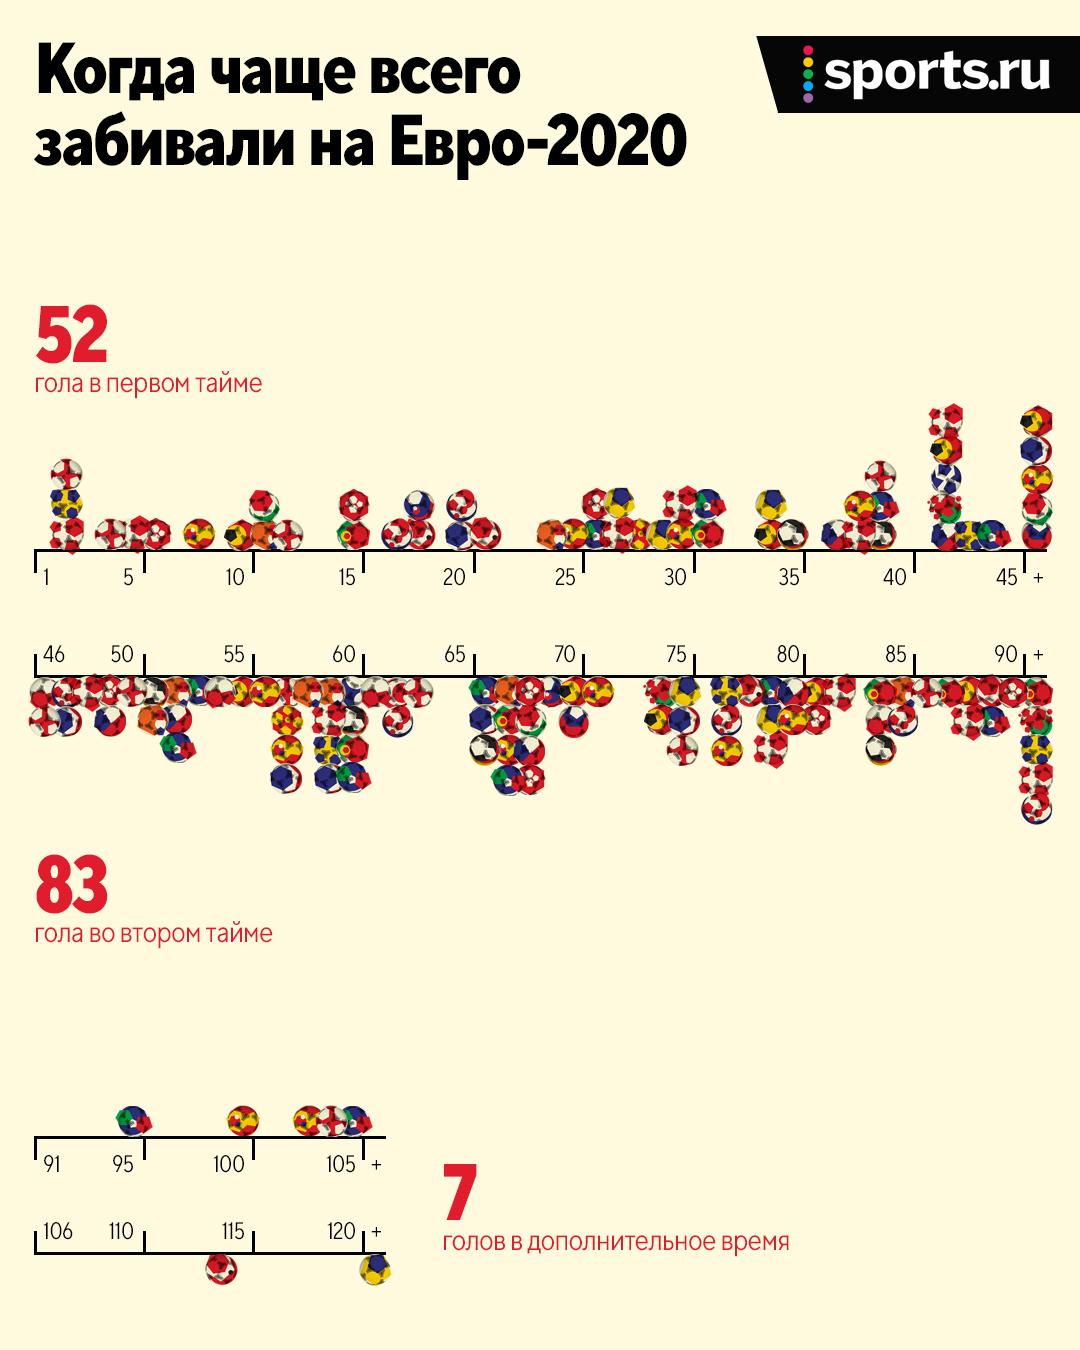 В каком городе забили больше всего голов на Евро? А на какой минуте делали это чаще? Очень много статистики по ЧЕ